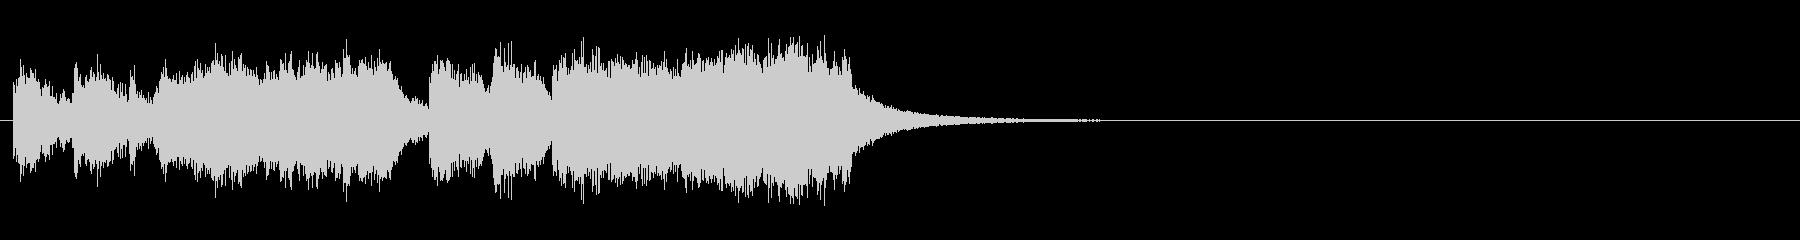 重厚感のある金管ファンファーレの未再生の波形